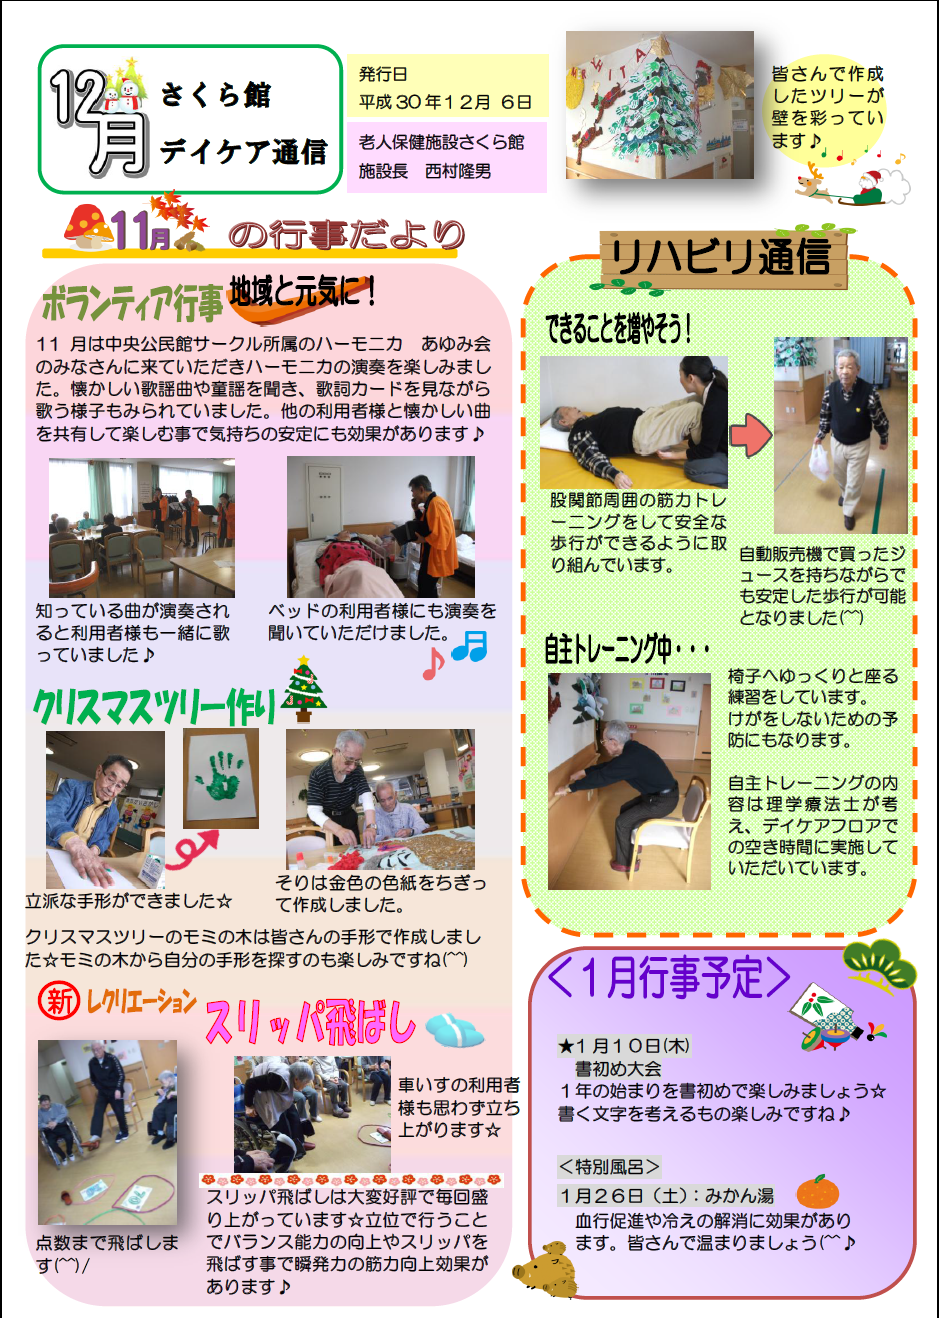 デイケア通信 12月号